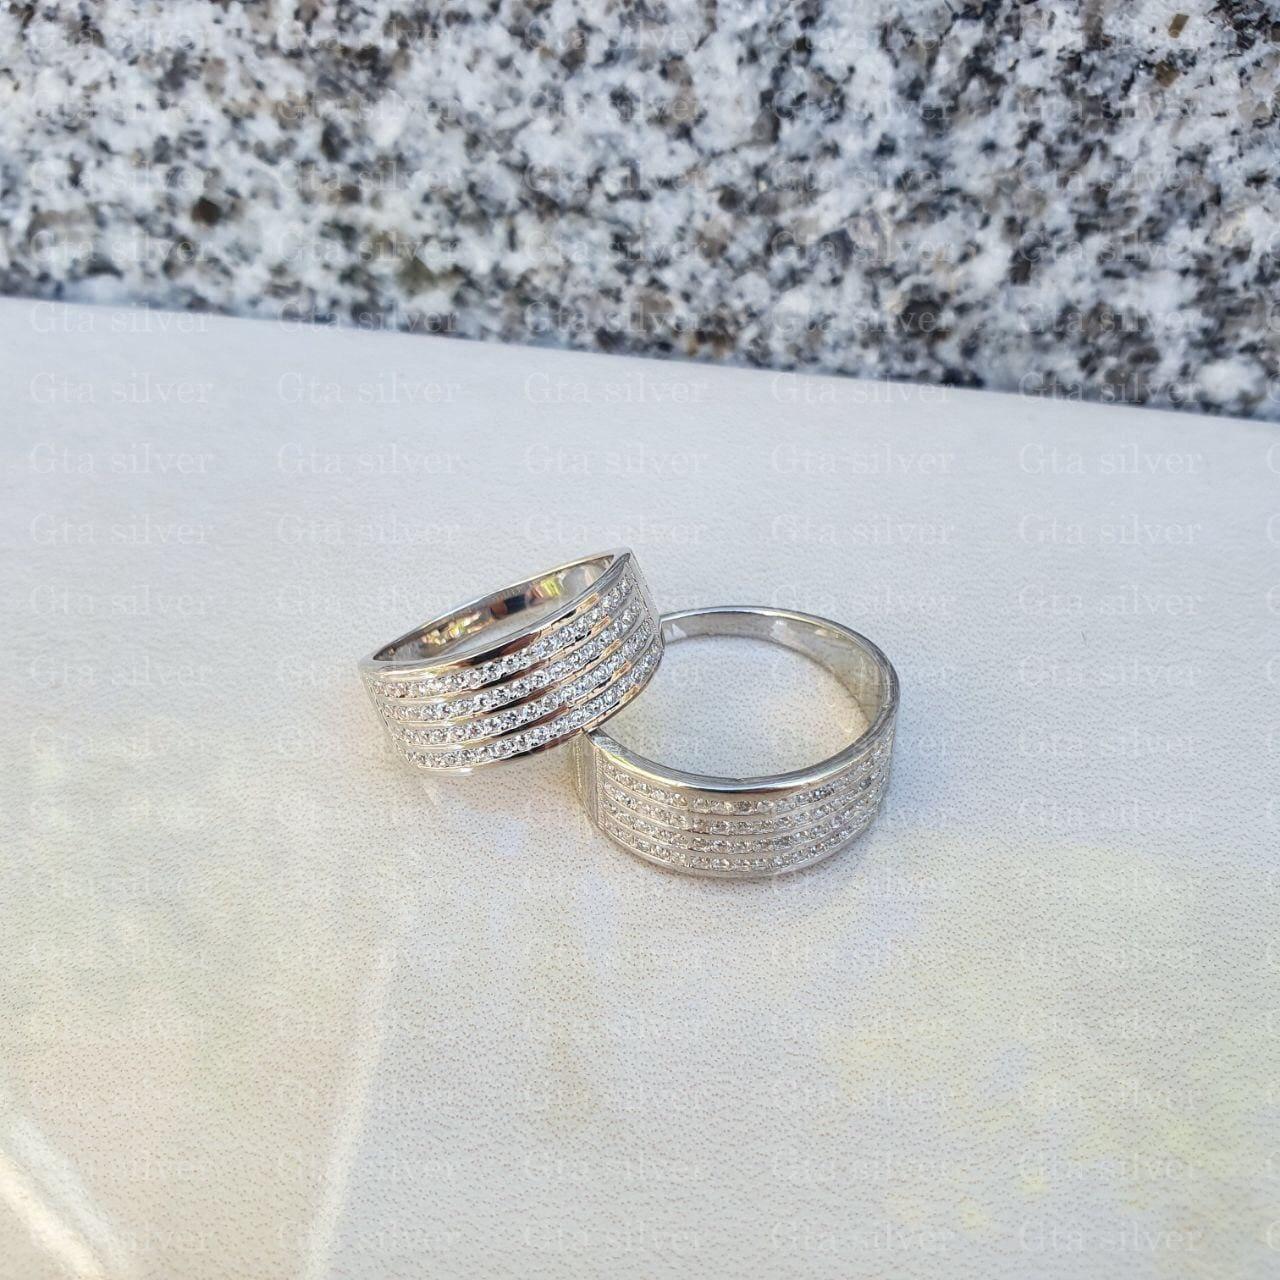 ست حلقه ازدواج وزن 9.5 گرم مدل 15